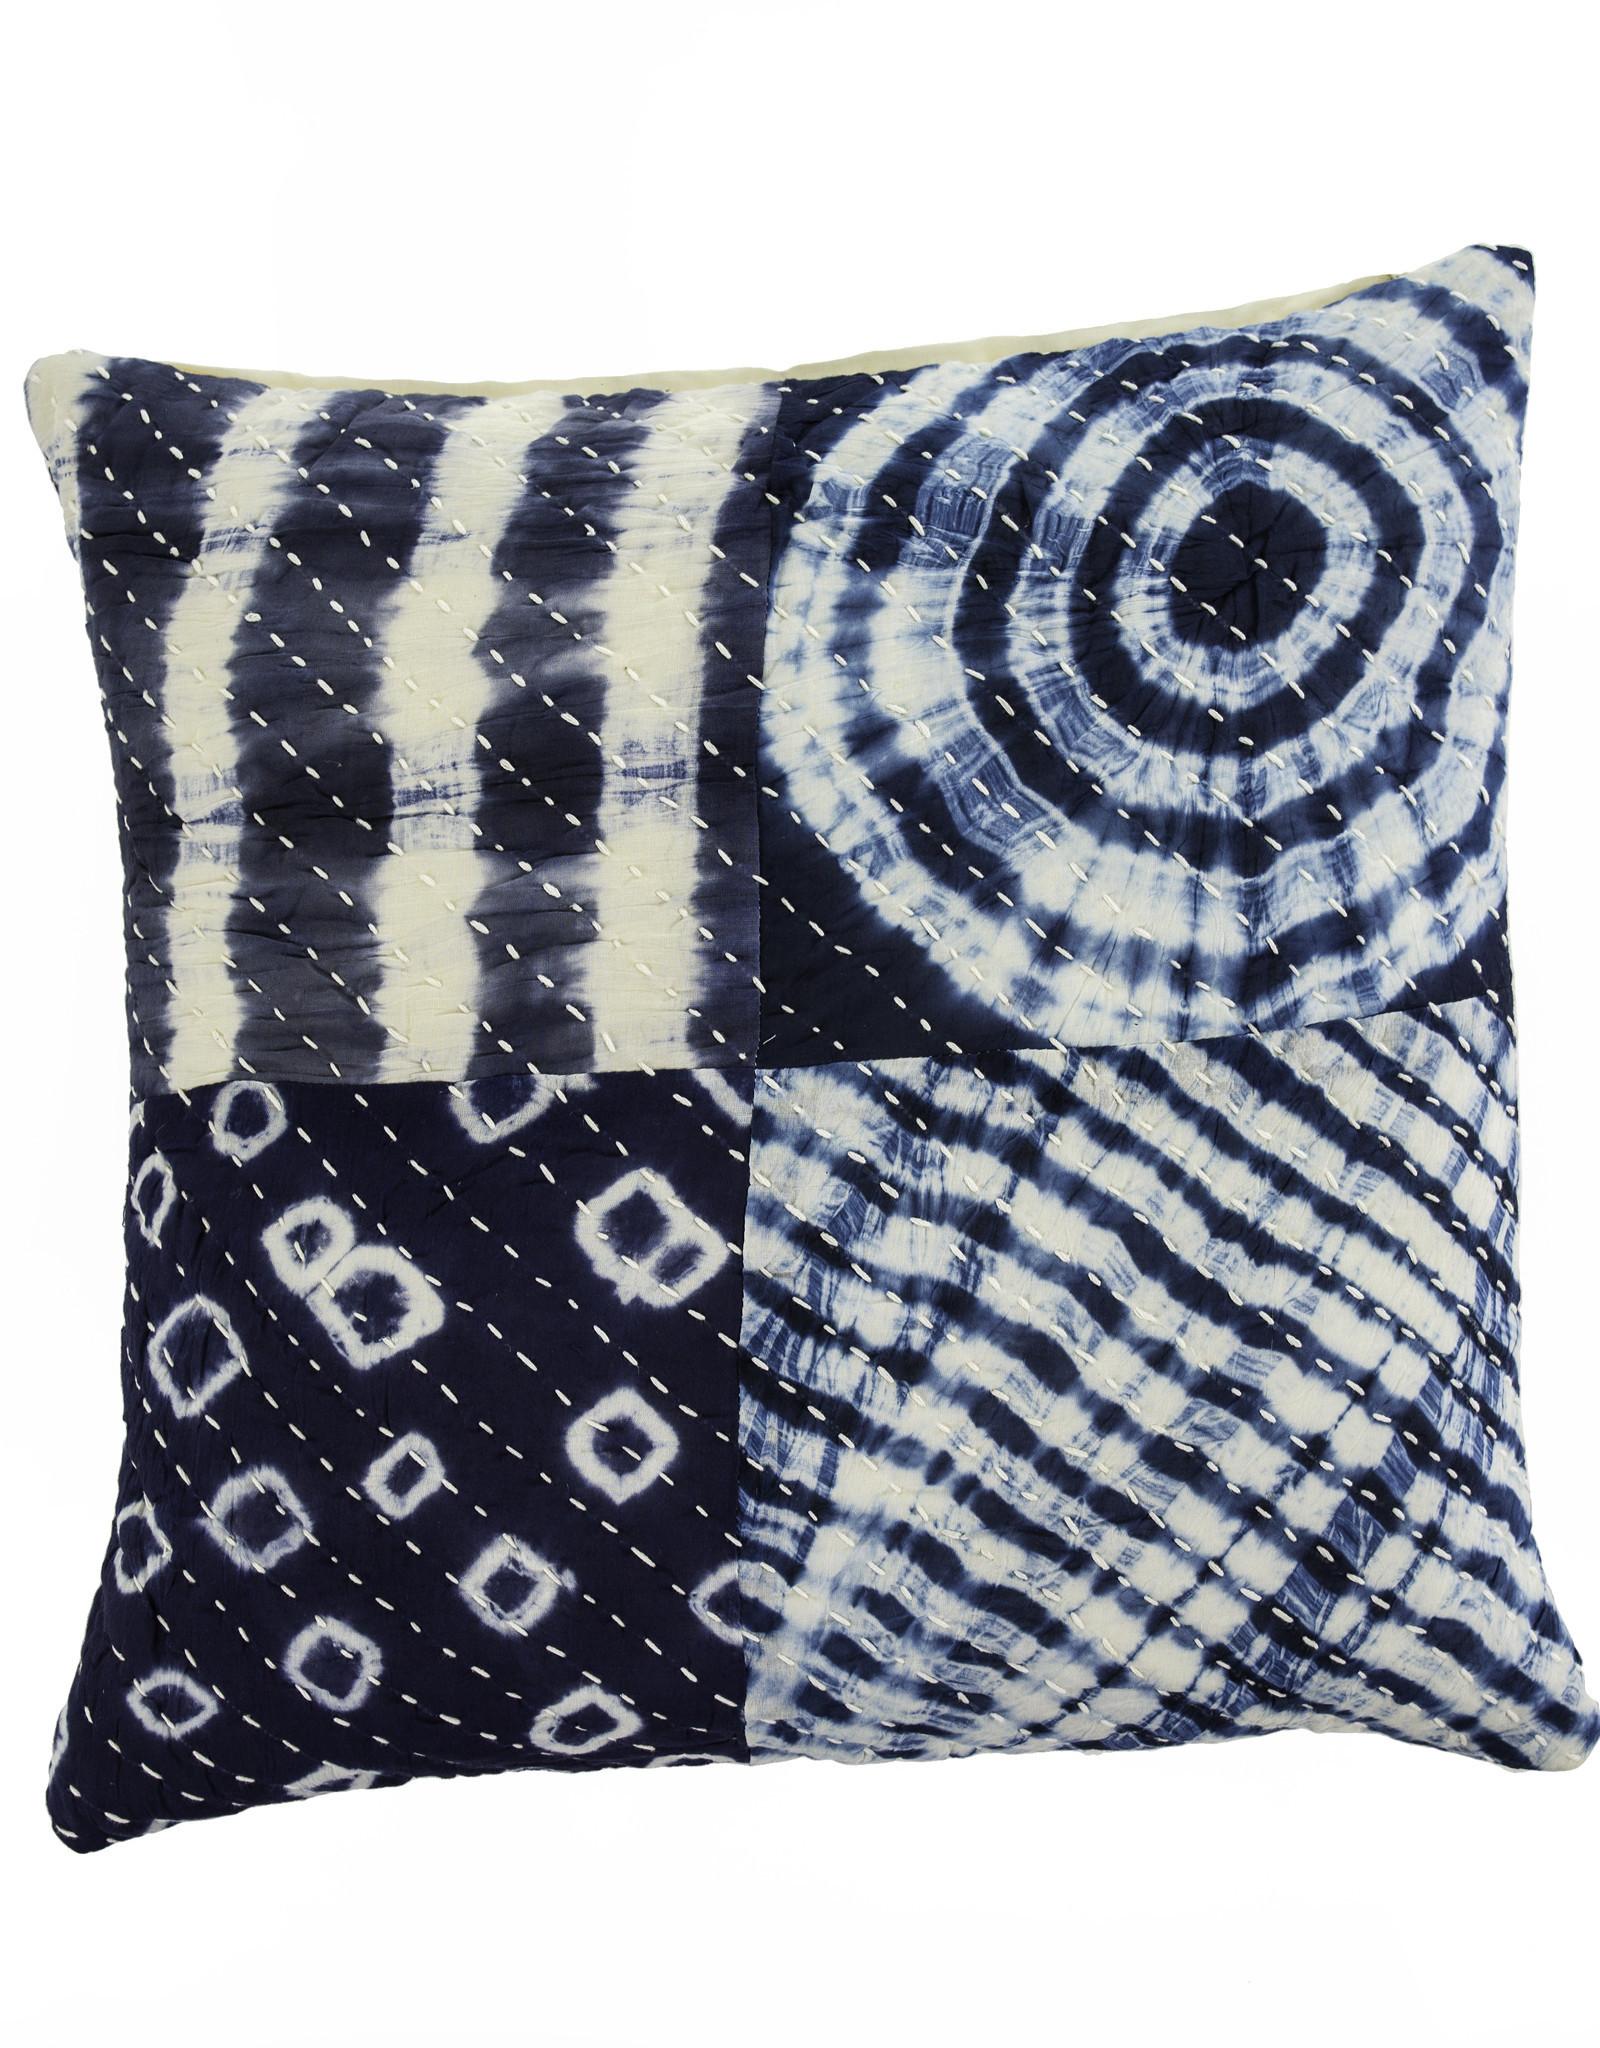 Indaba Tye Dye Patch Pillow